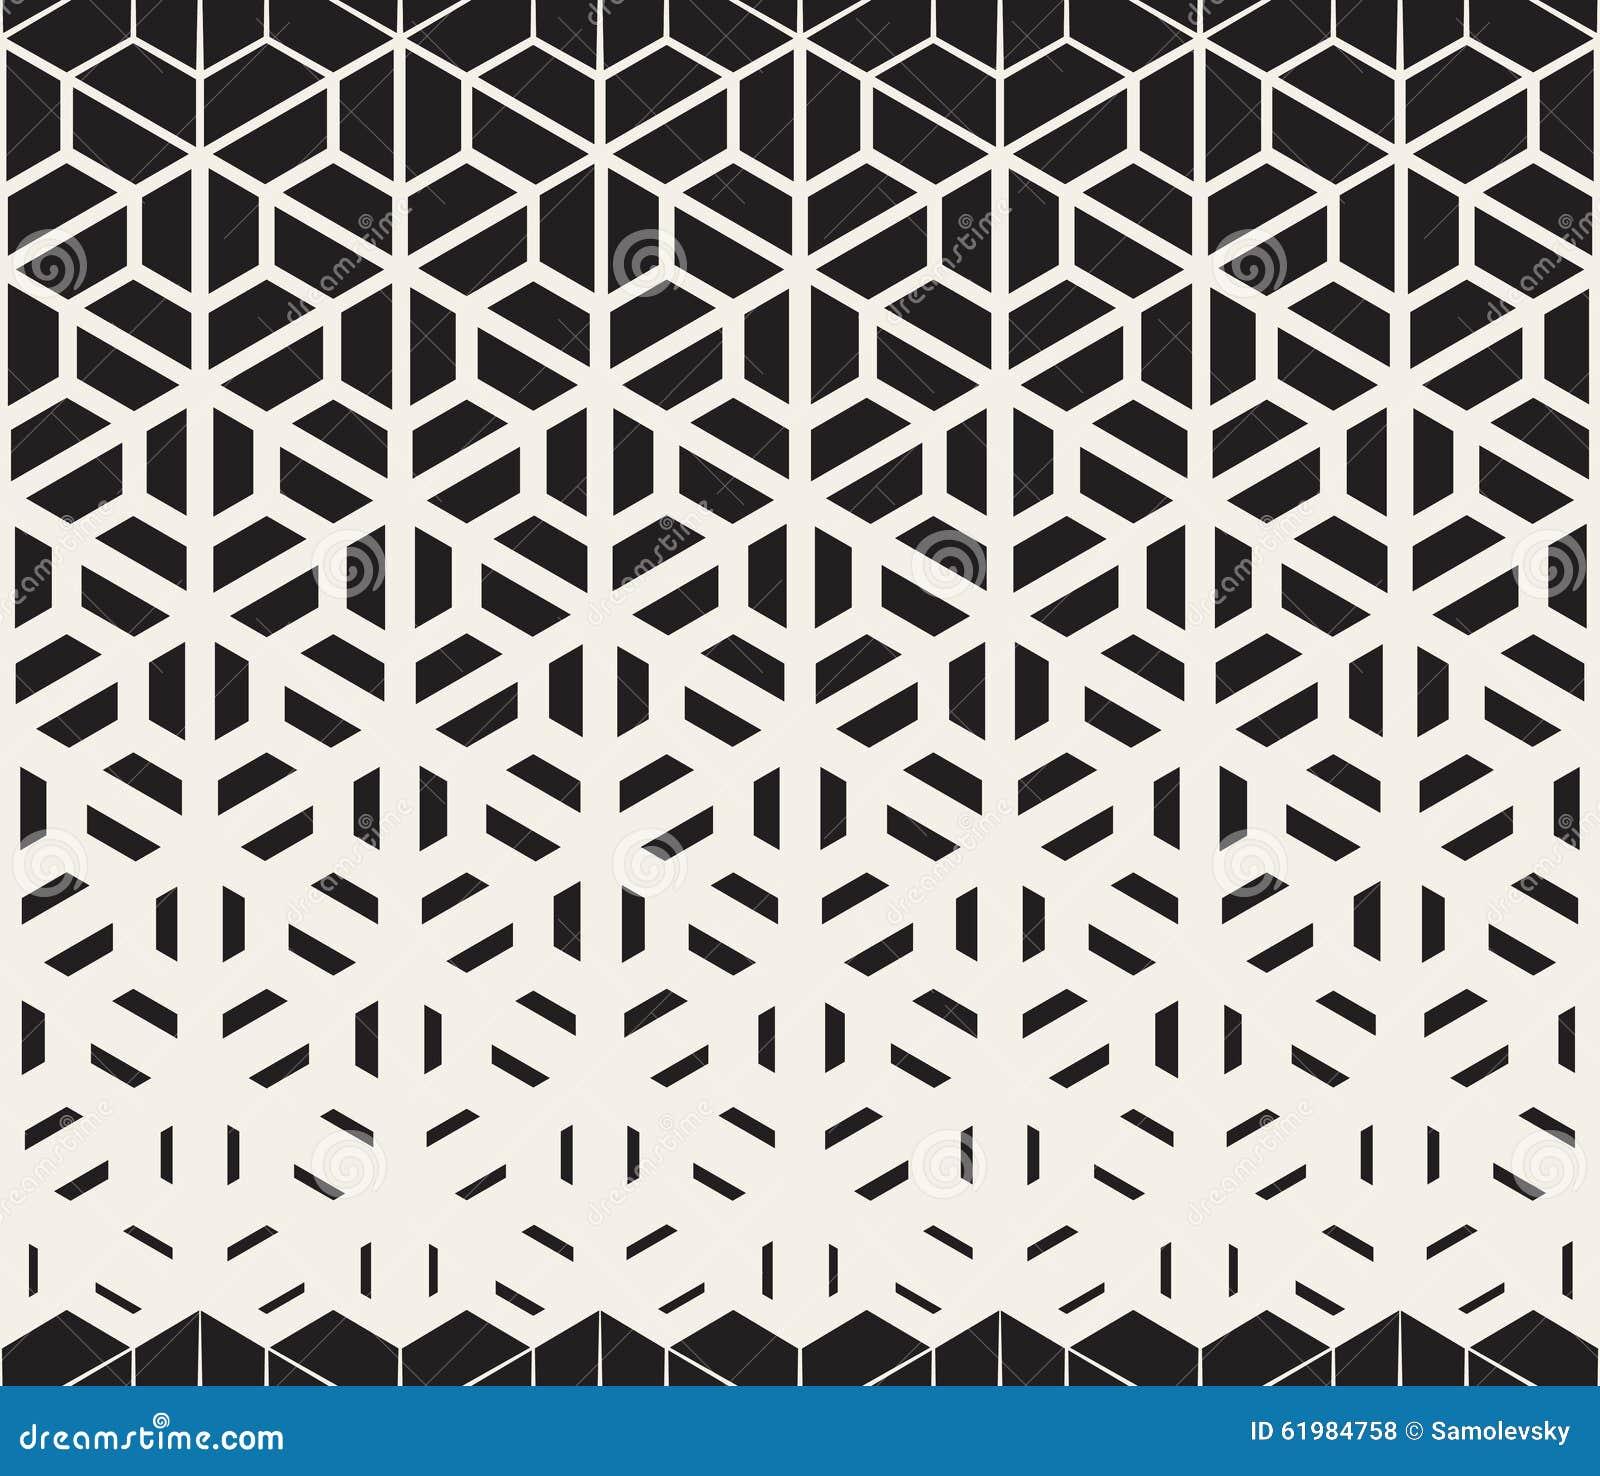 Vector Naadloos Zwart-wit Hexagon Halftone de Gradiëntpatroon van Driehoeks Gespleten Lijnen